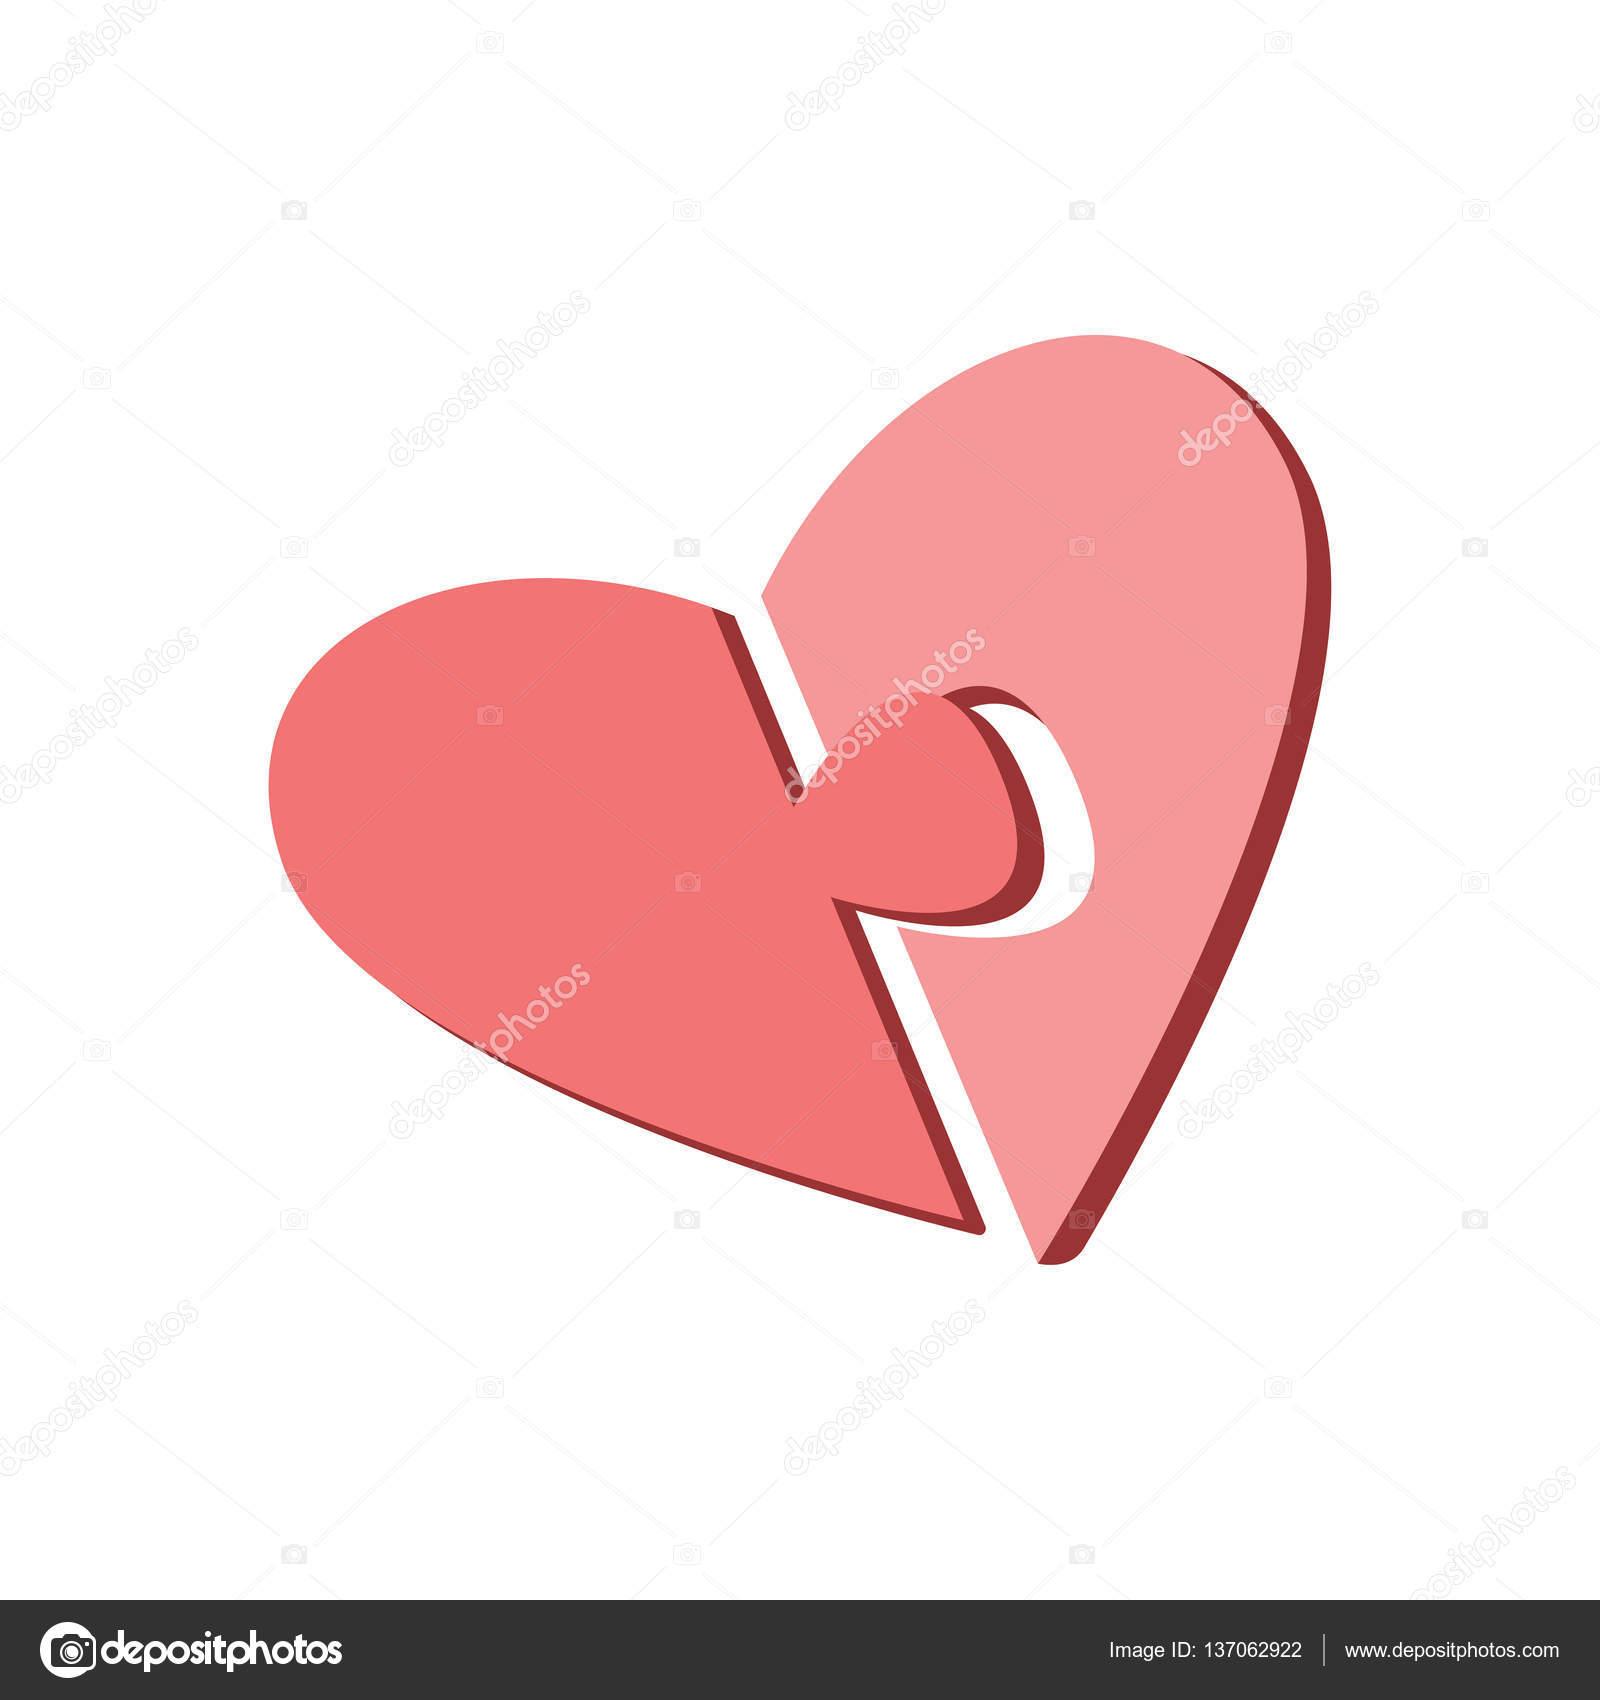 Zwei Hälften des Herzens auf einem weißen Hintergrund. Teile des ...